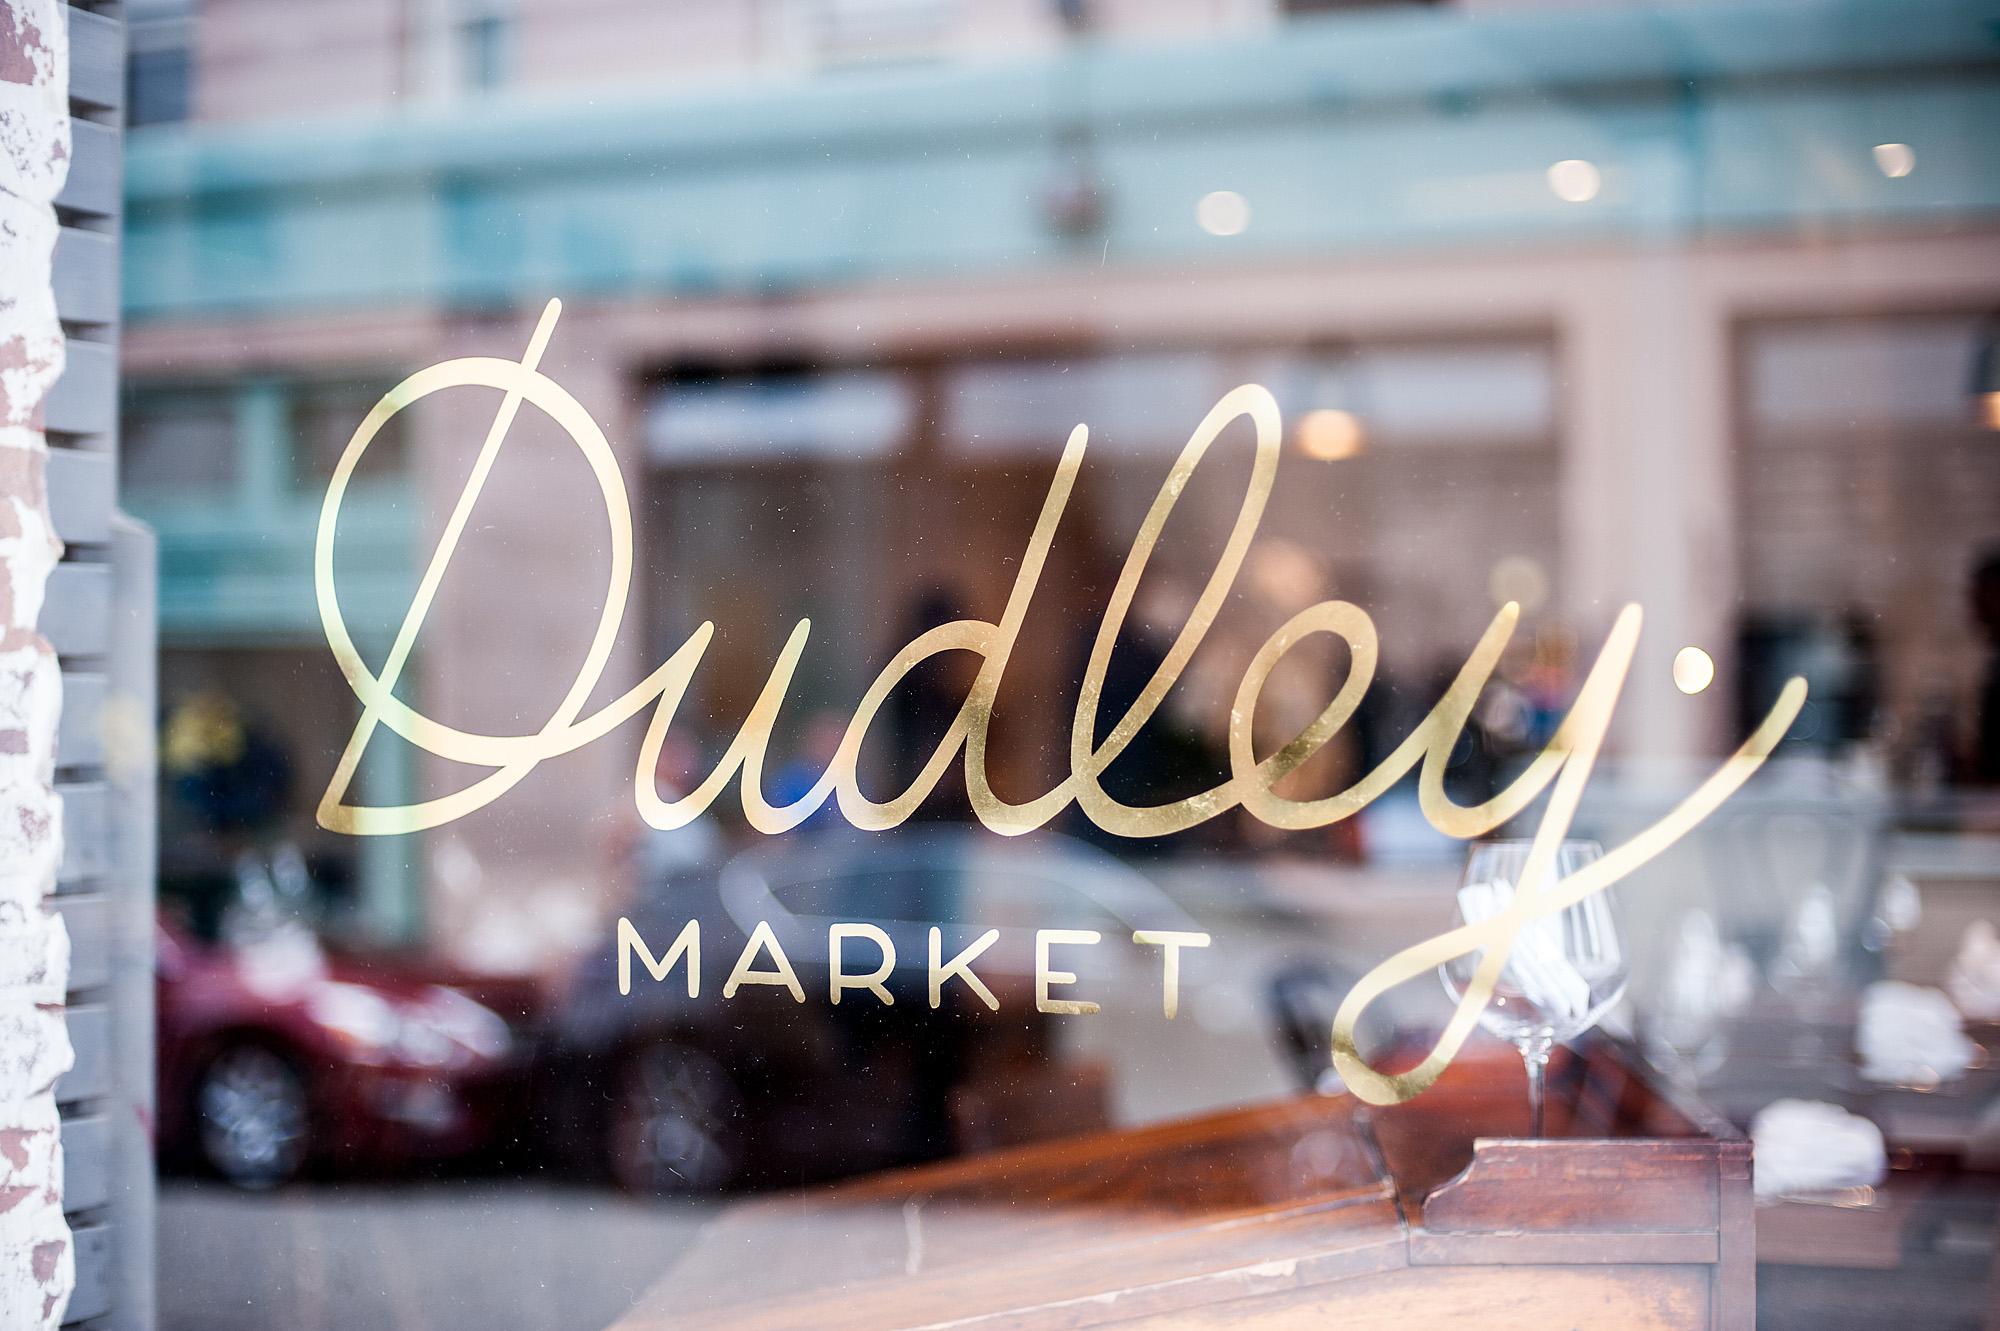 Dudley Market, Venice